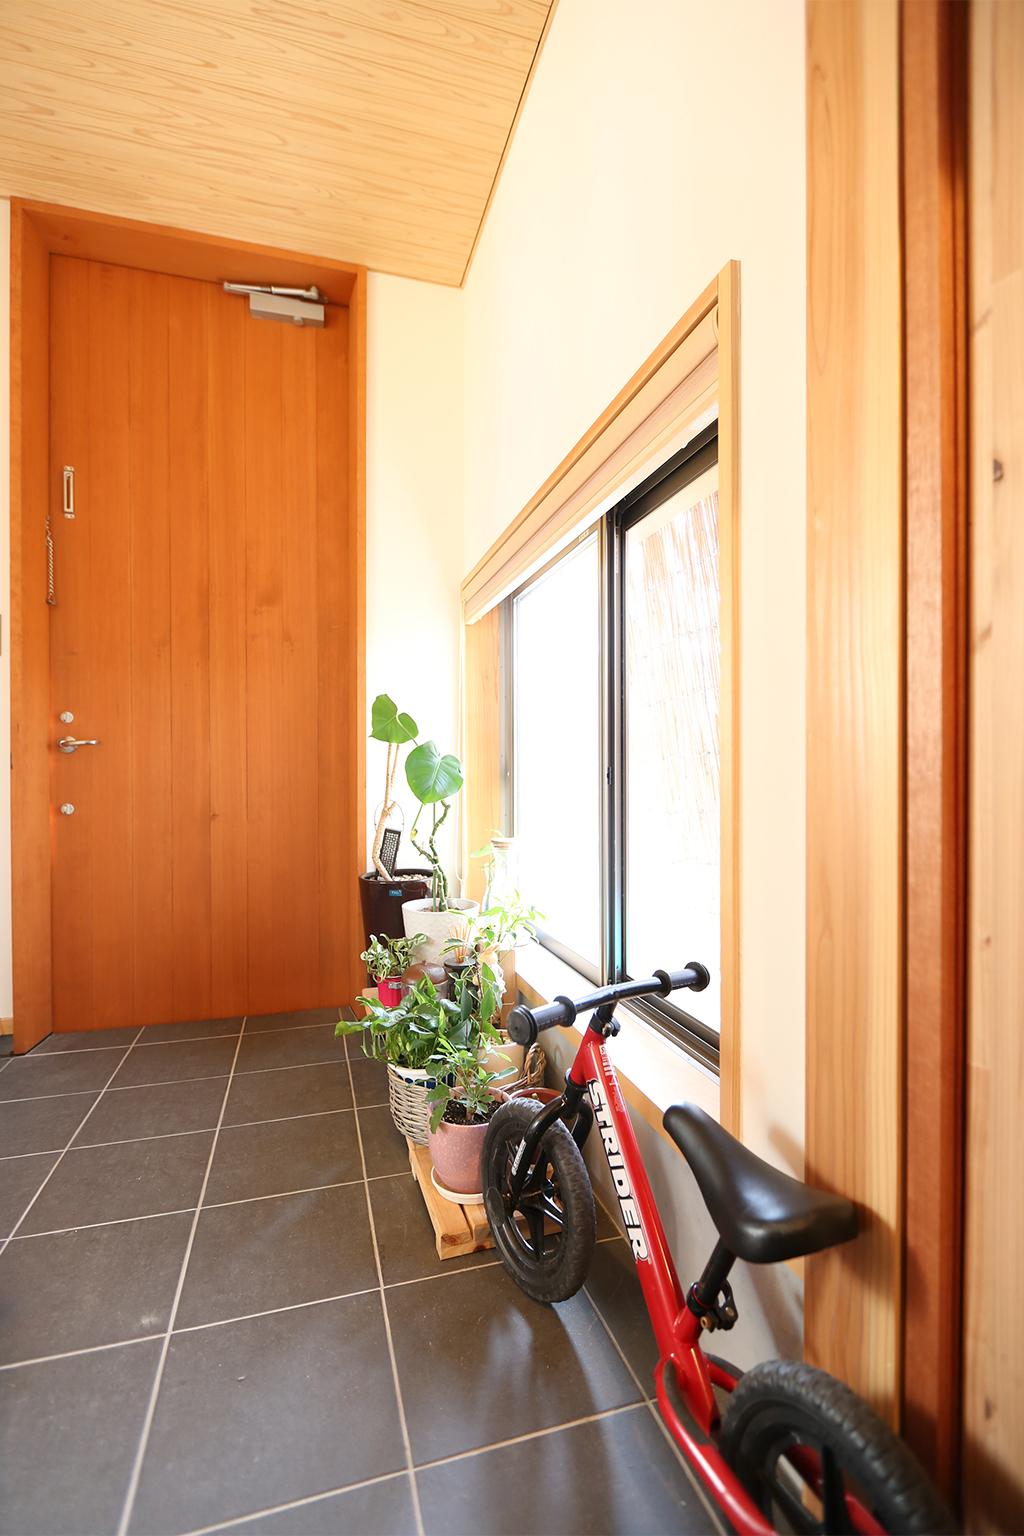 姫路市の木の家 自転車も置ける土間玄関